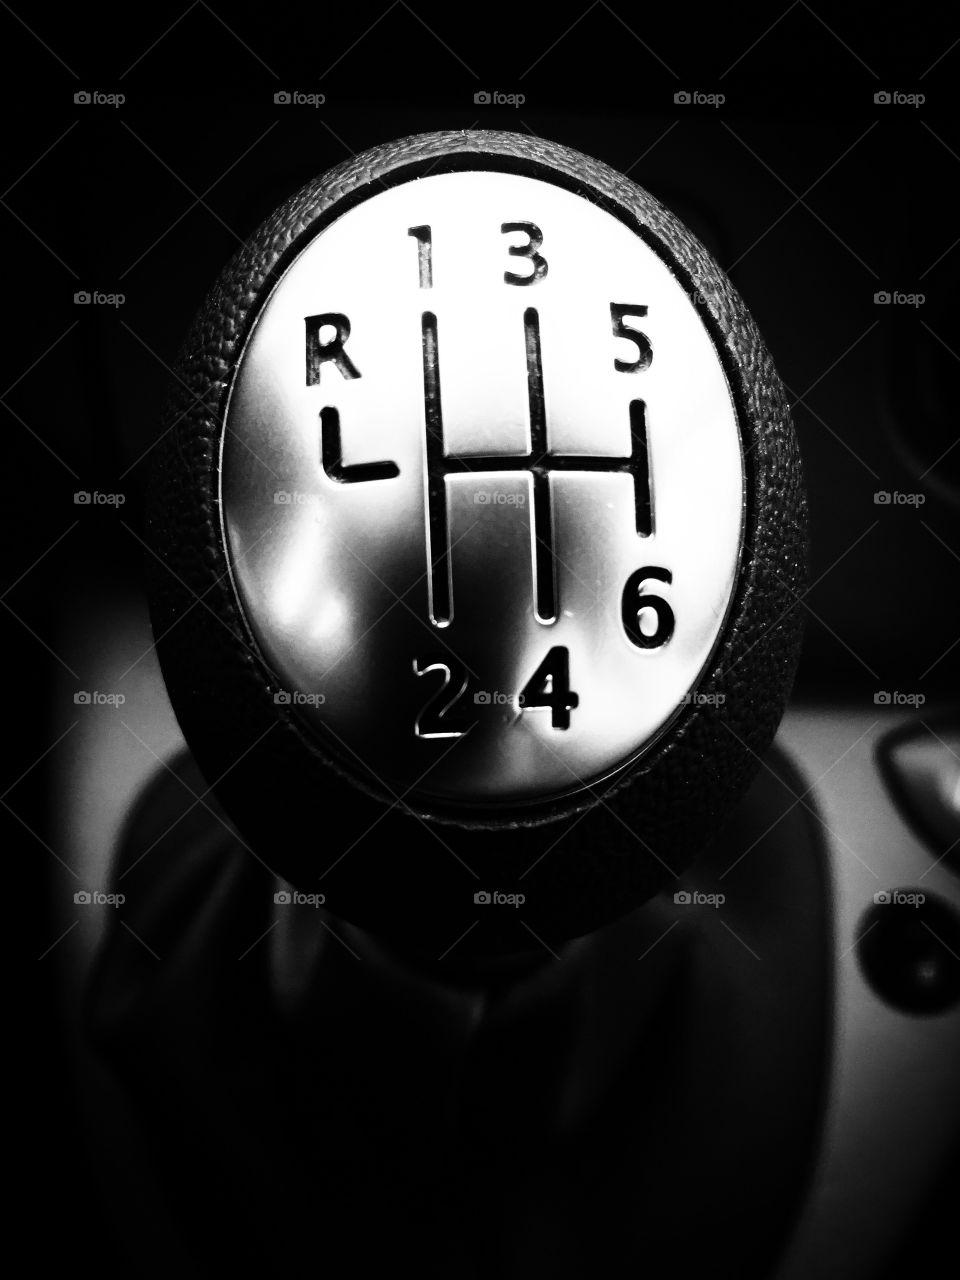 Gear knob. Gear knob